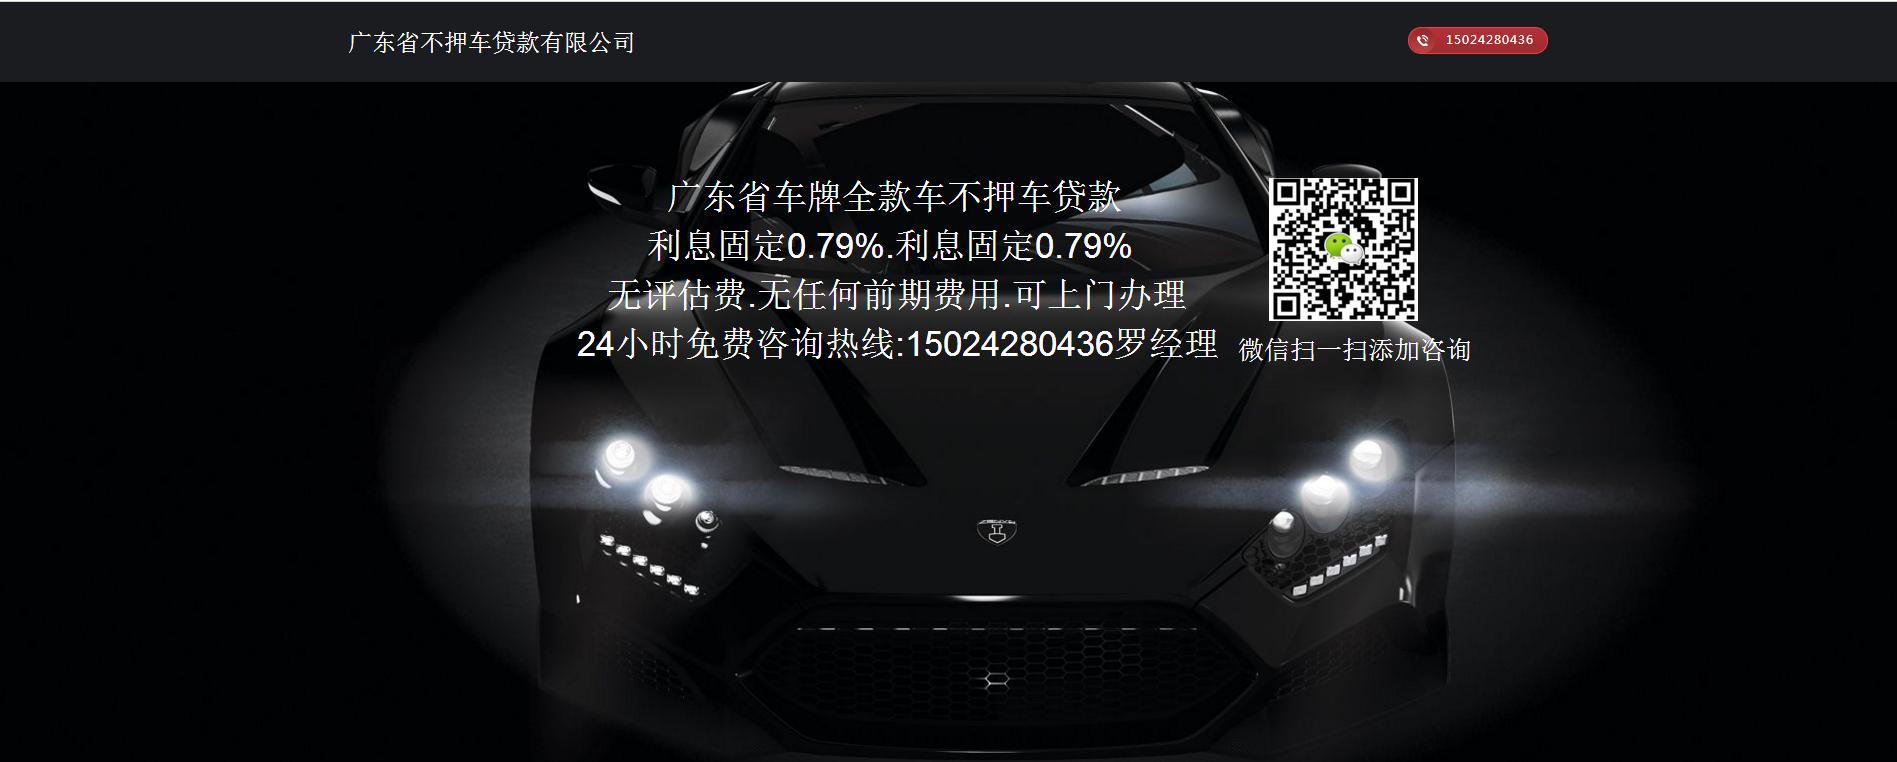 汽车抵押贷款申请-清远汽车抵押贷款办理-广东省佛山市不押车贷款有限公司